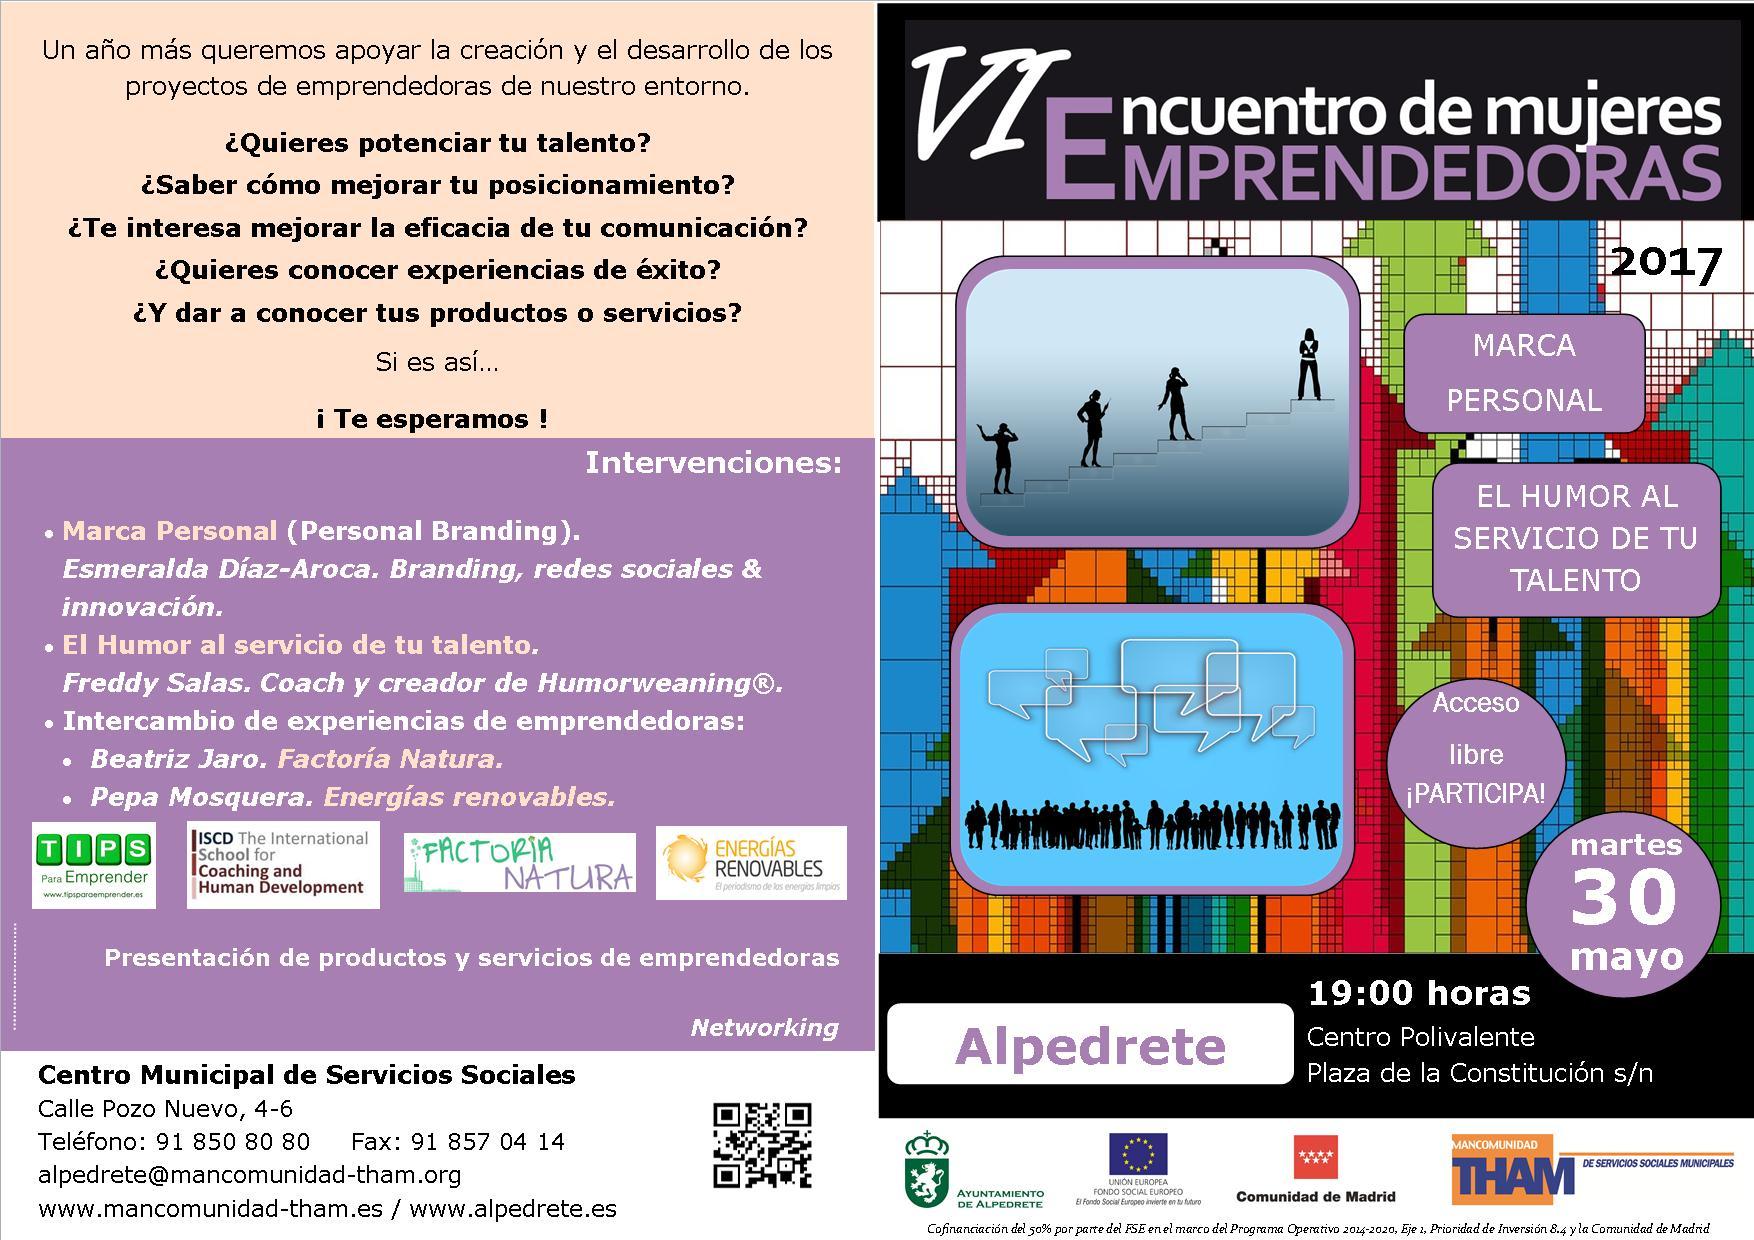 Cartel Mujeres Emprendedoras A5 en A4 - Alpedrete